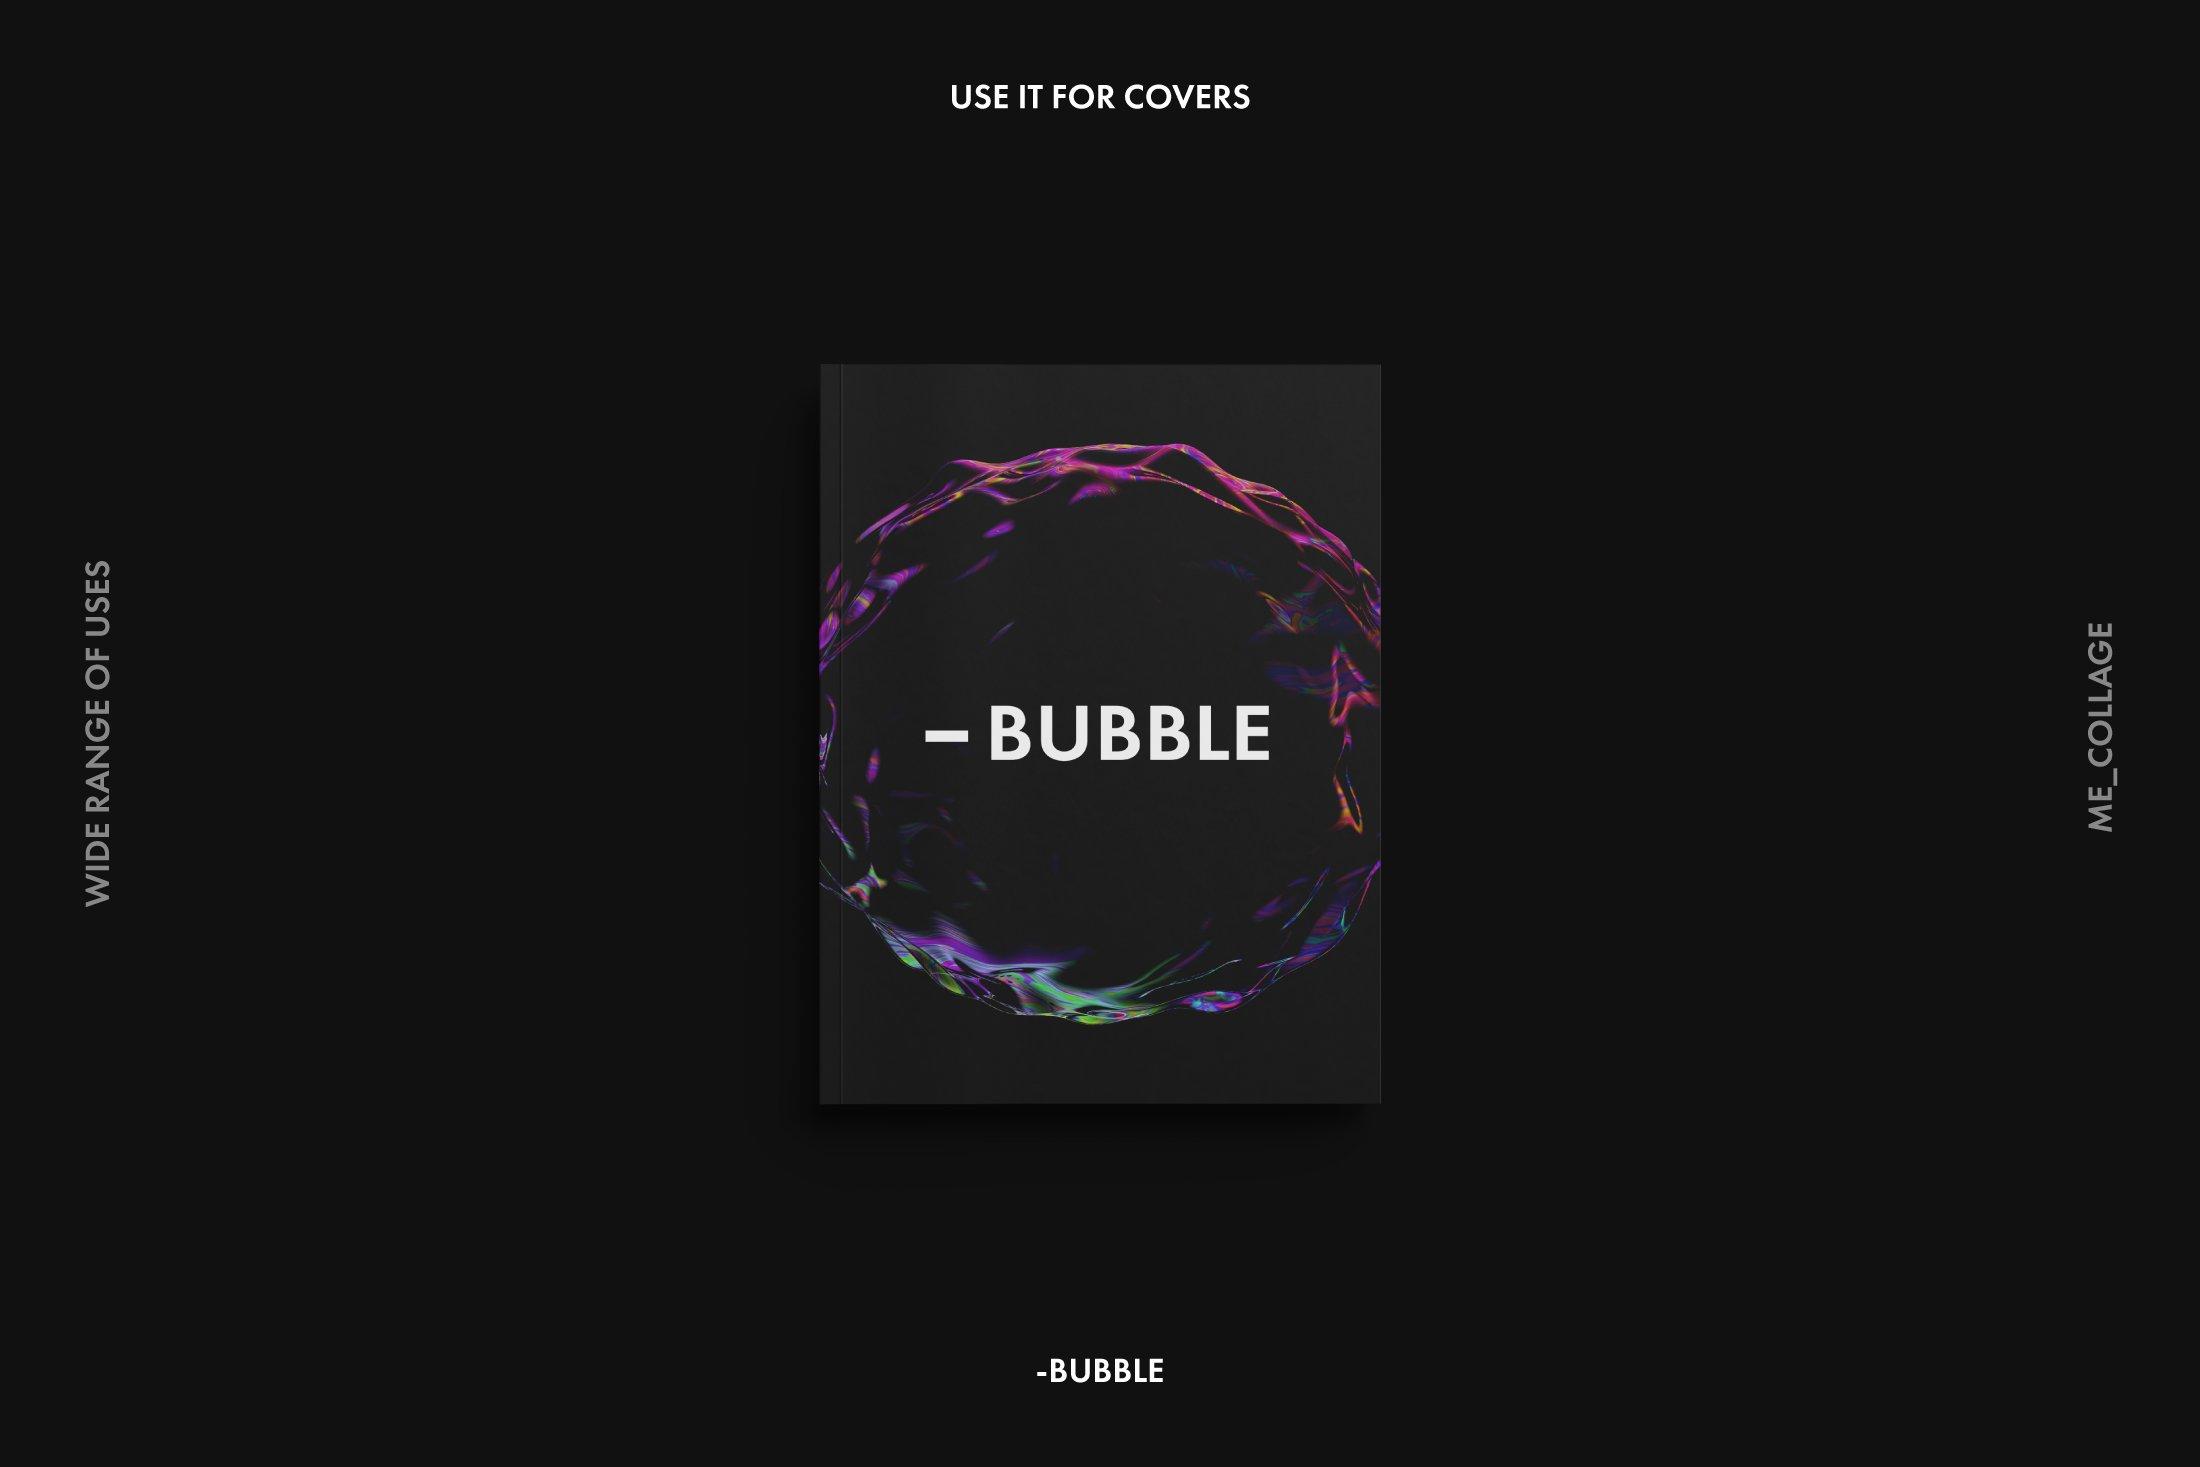 [已解锁精品素材] 高清炫彩抽象透明肥皂气泡海报背景底纹素材 BUBBLE – 15 Soap Bubbles插图7